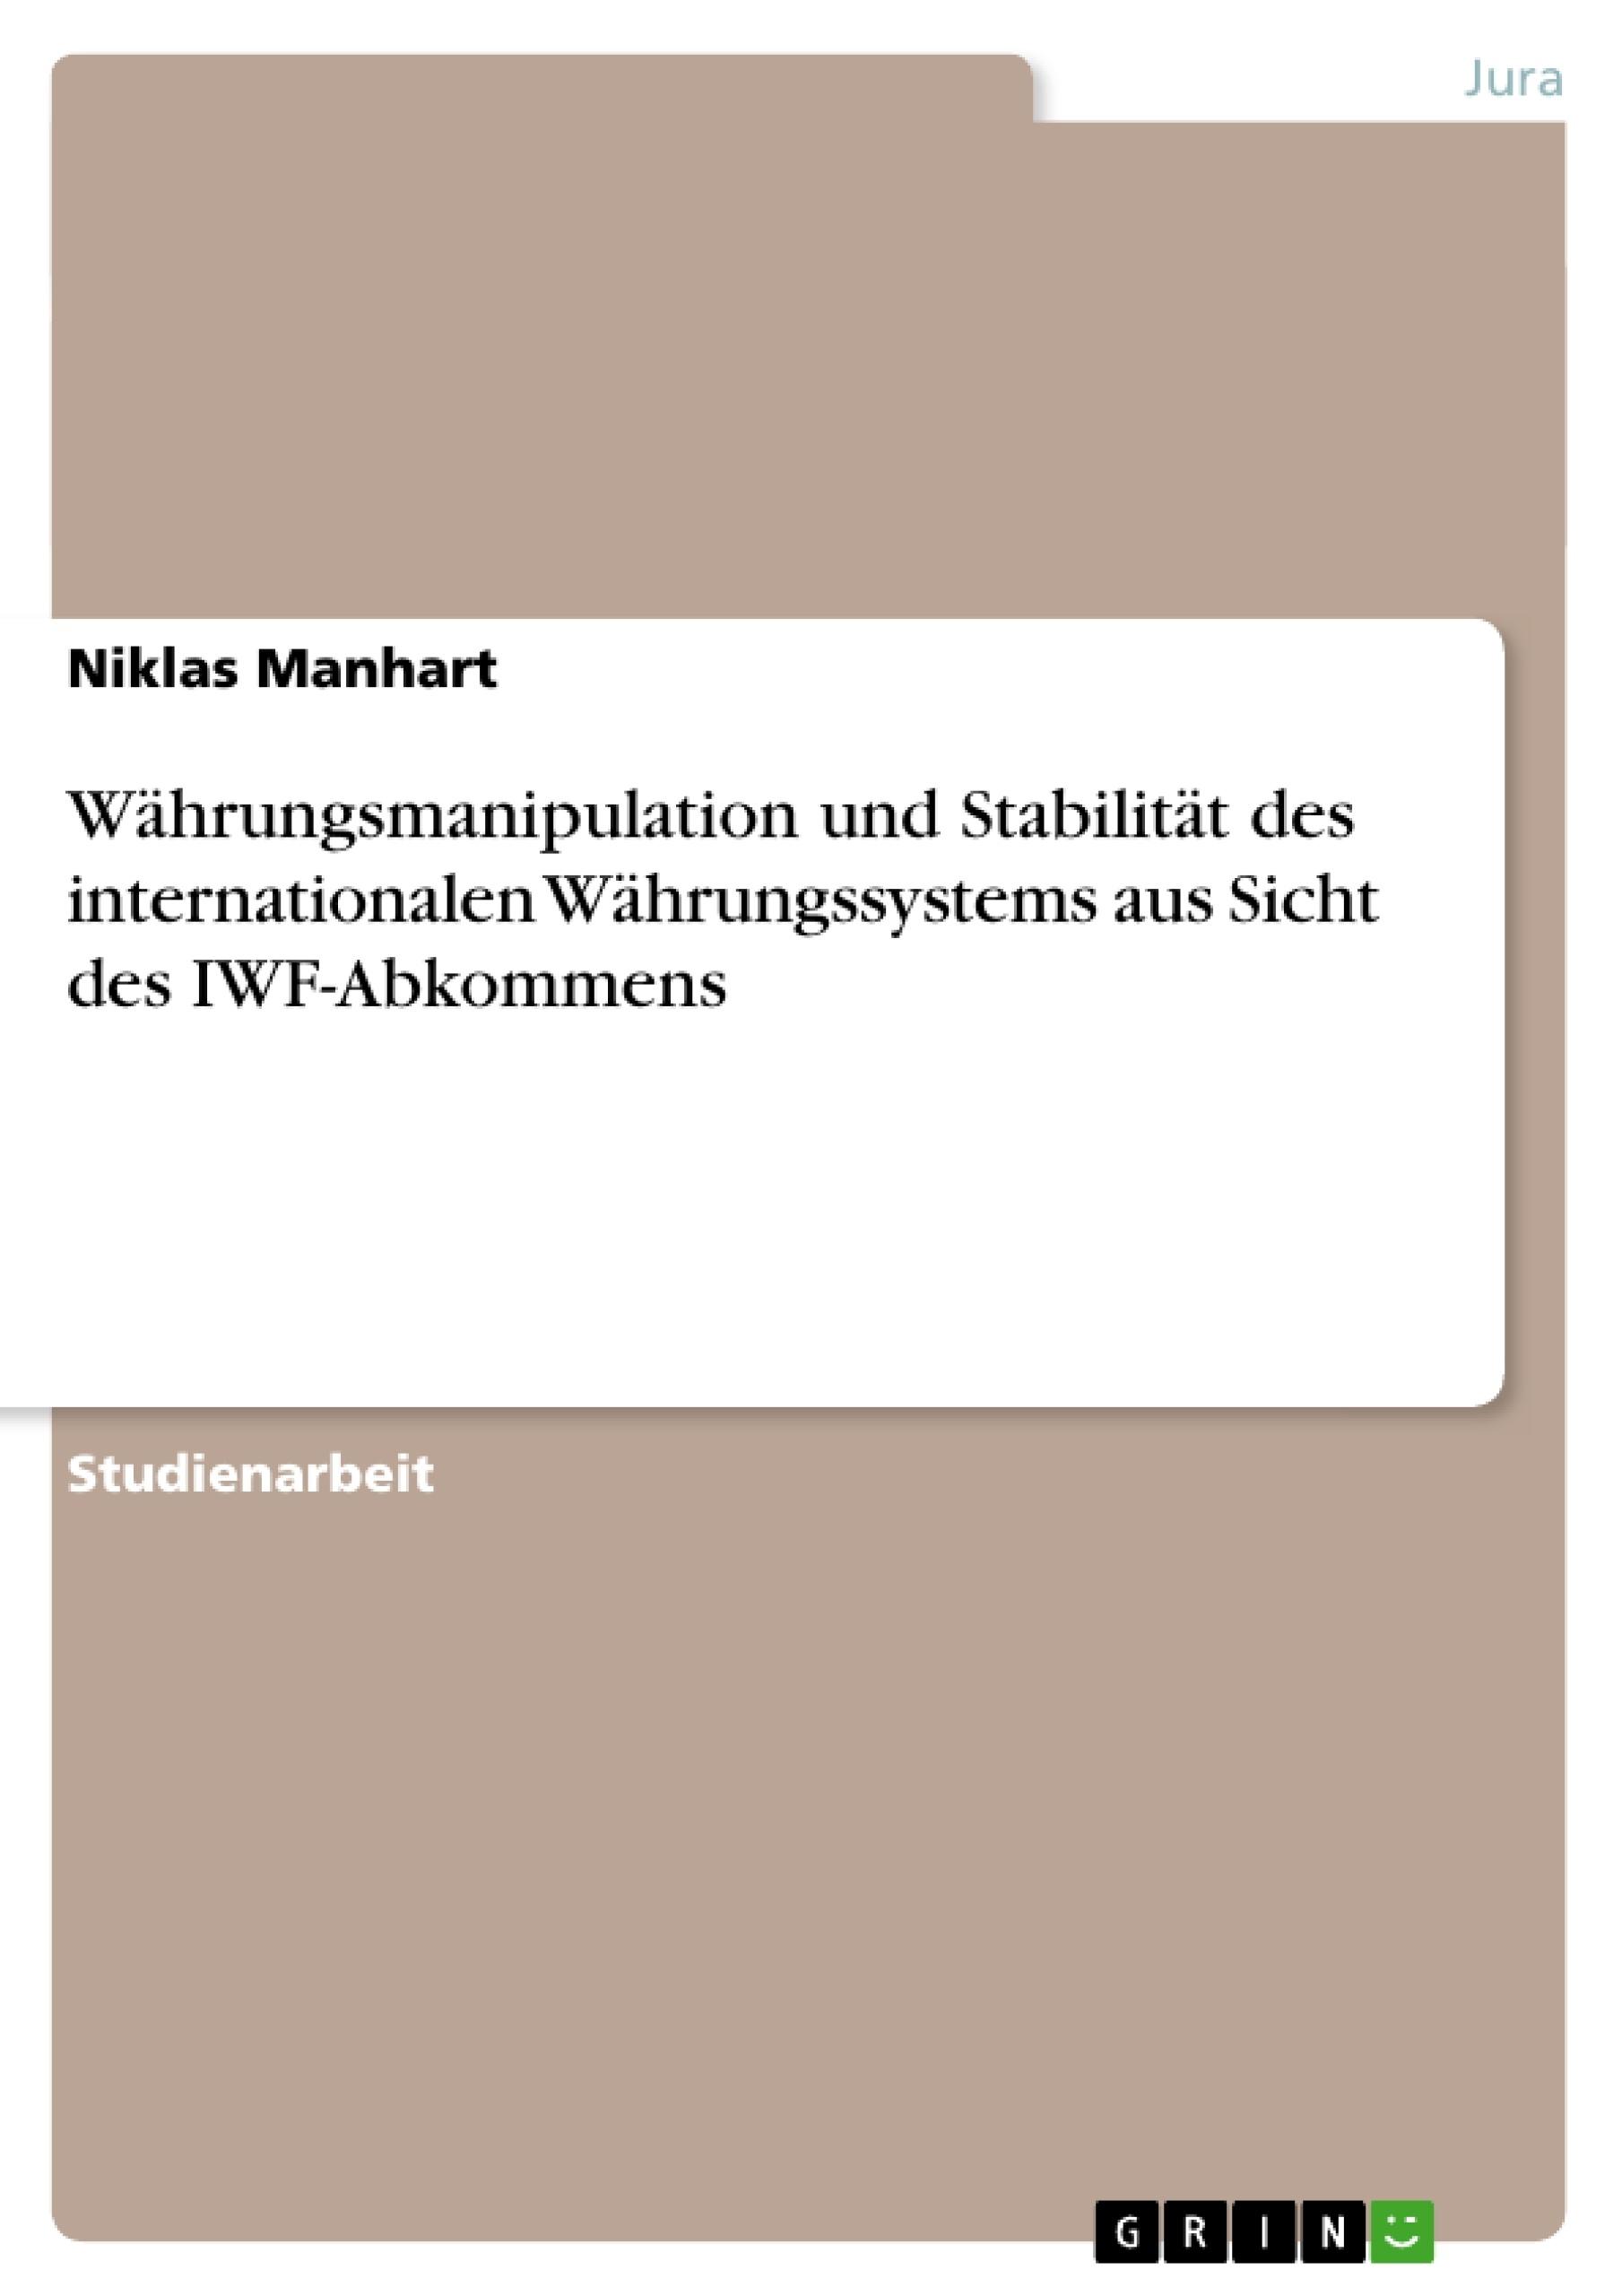 Titel: Währungsmanipulation und Stabilität des internationalen Währungssystems aus Sicht des IWF-Abkommens